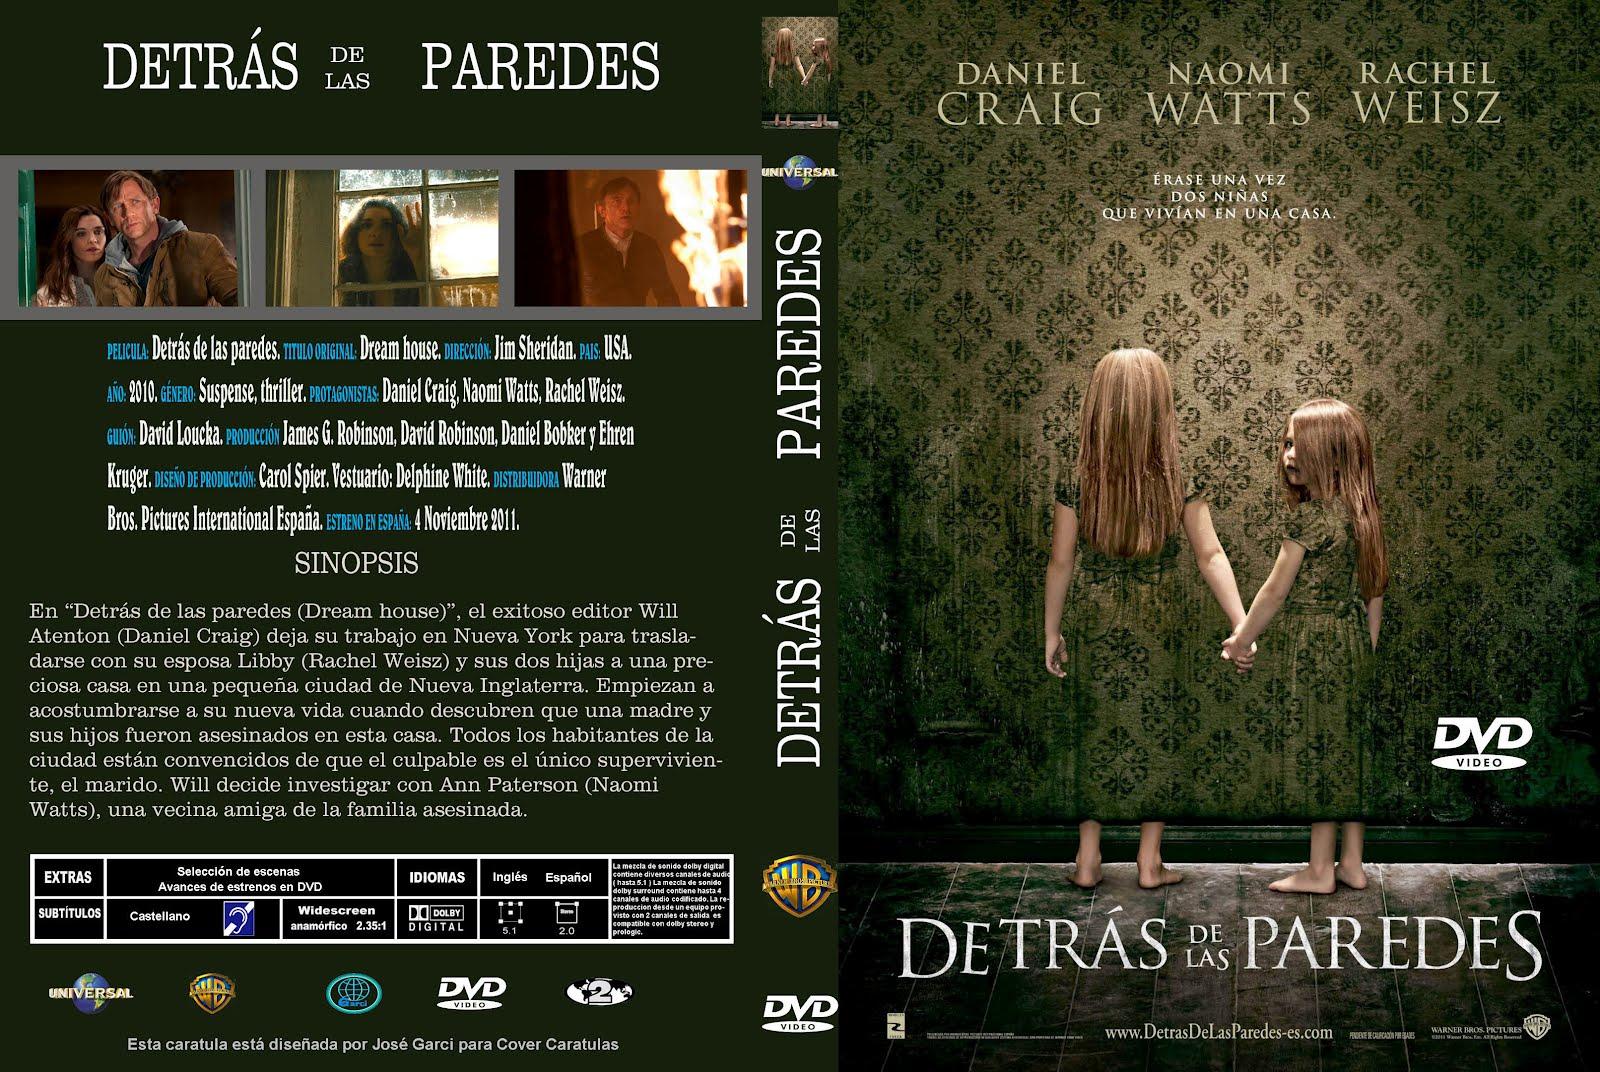 http://2.bp.blogspot.com/-135NM4sdcic/Tz7_cvn3TSI/AAAAAAAAECg/JqnjmZtXcck/s1600/Detras_De_Las_Paredes_-_Custom_por_Josegarci.jpg